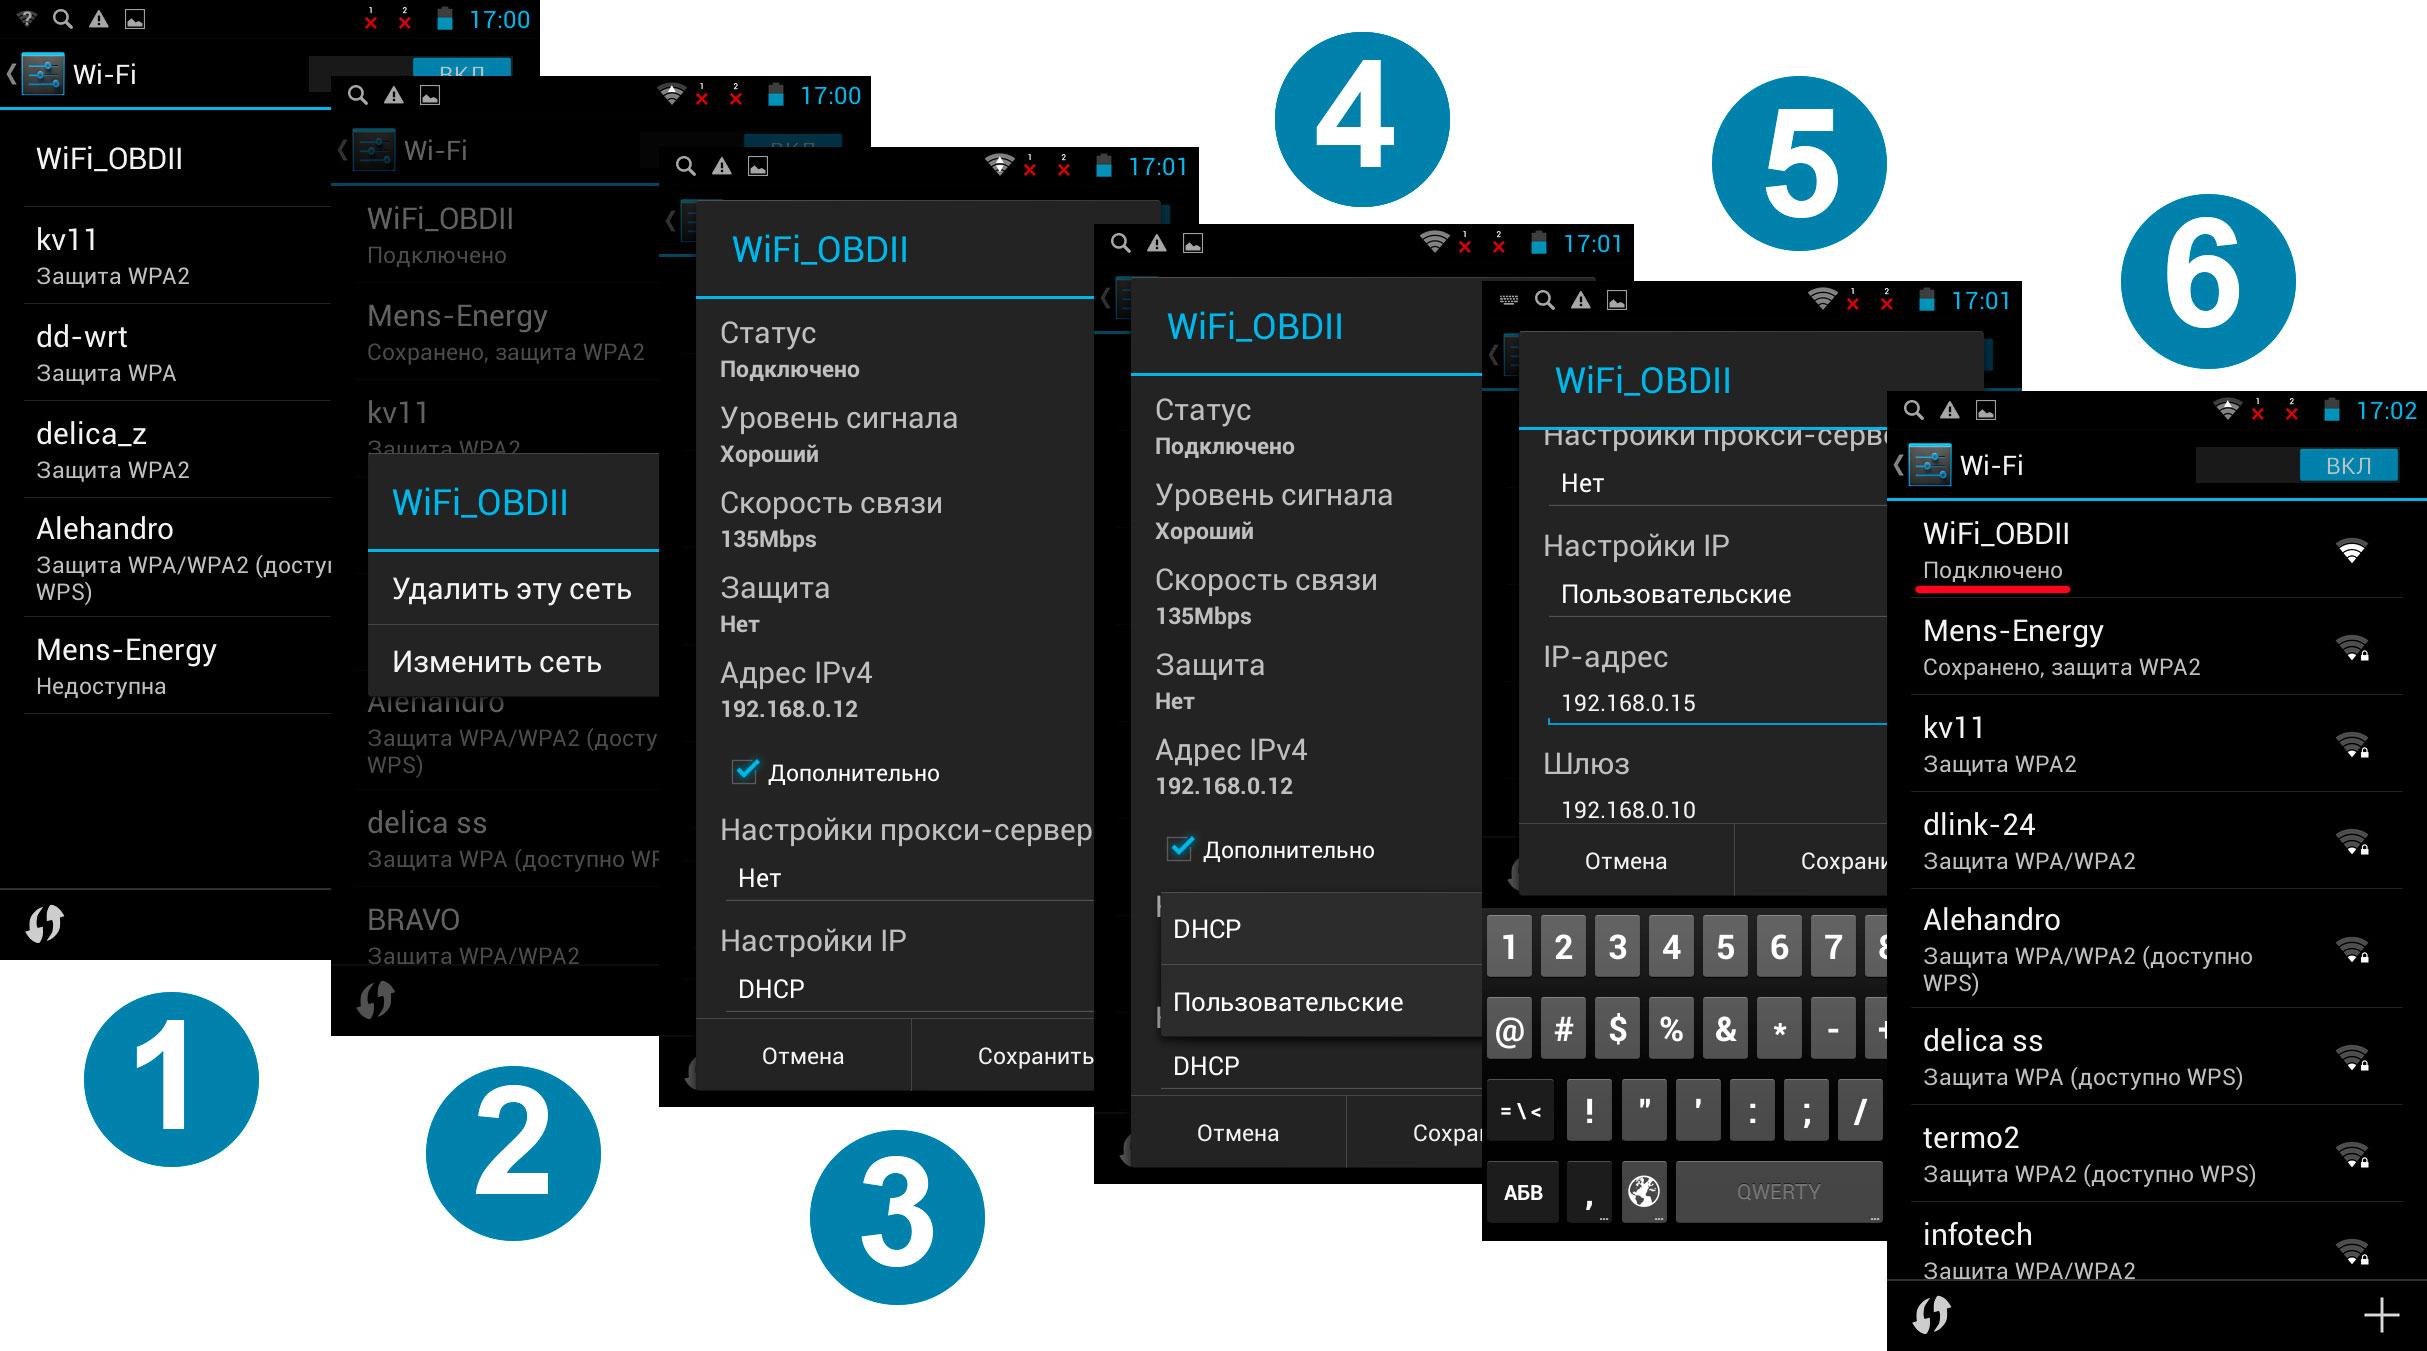 порядок подключения смартфона к адаптеру elm327 через Wi-Fi соединение